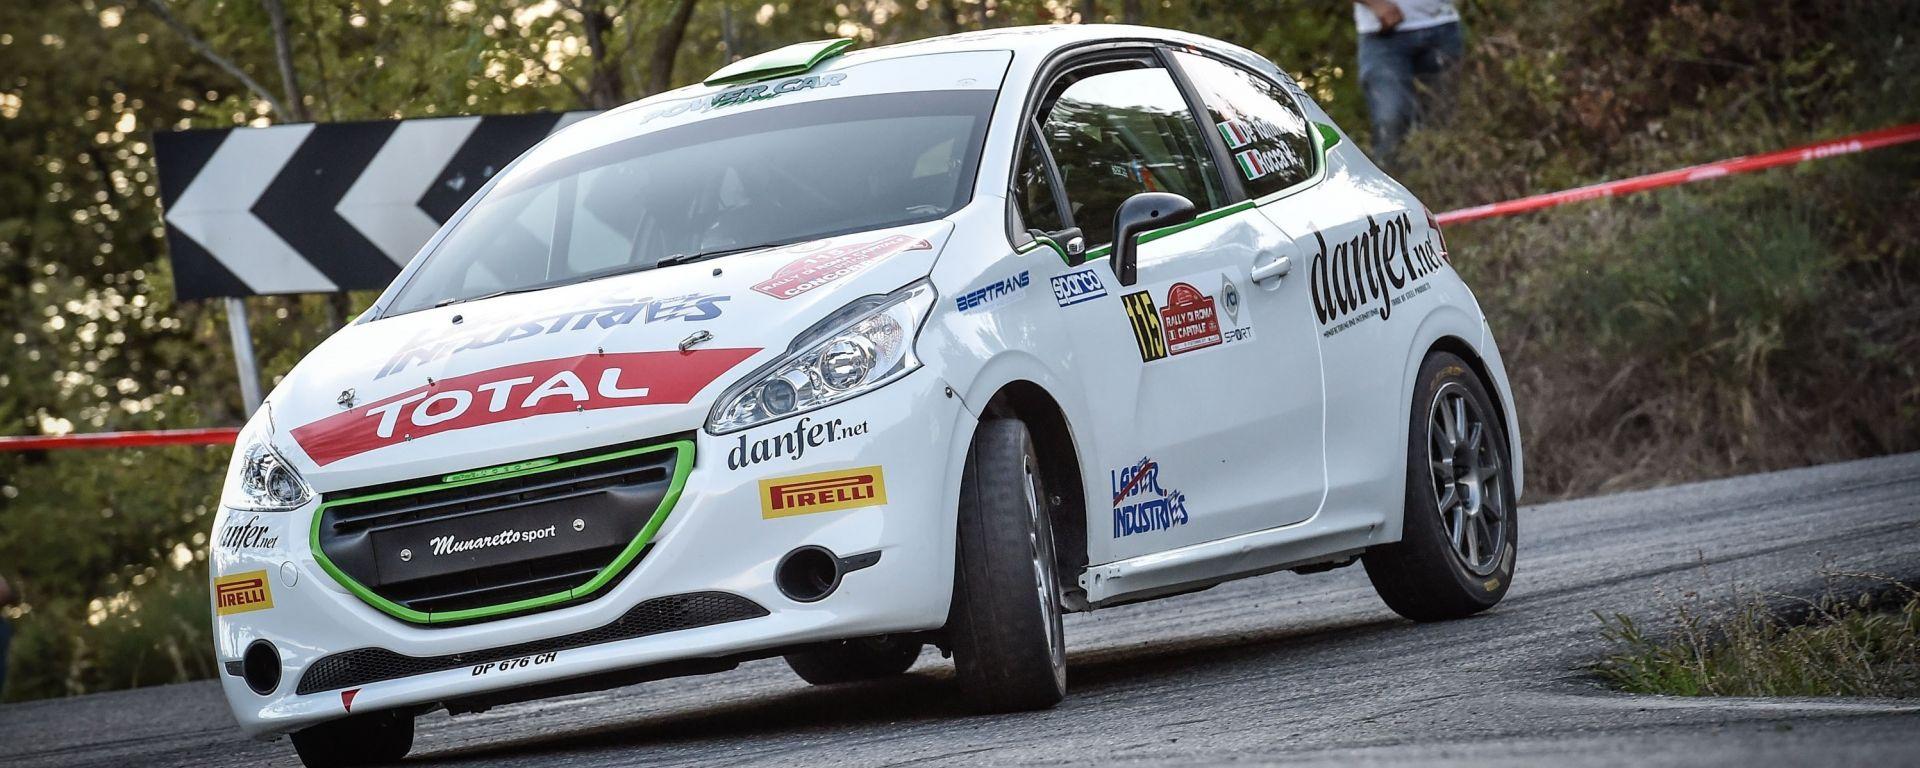 Il Peugeot Competition giunge, nel 2018, alla 39° edizione